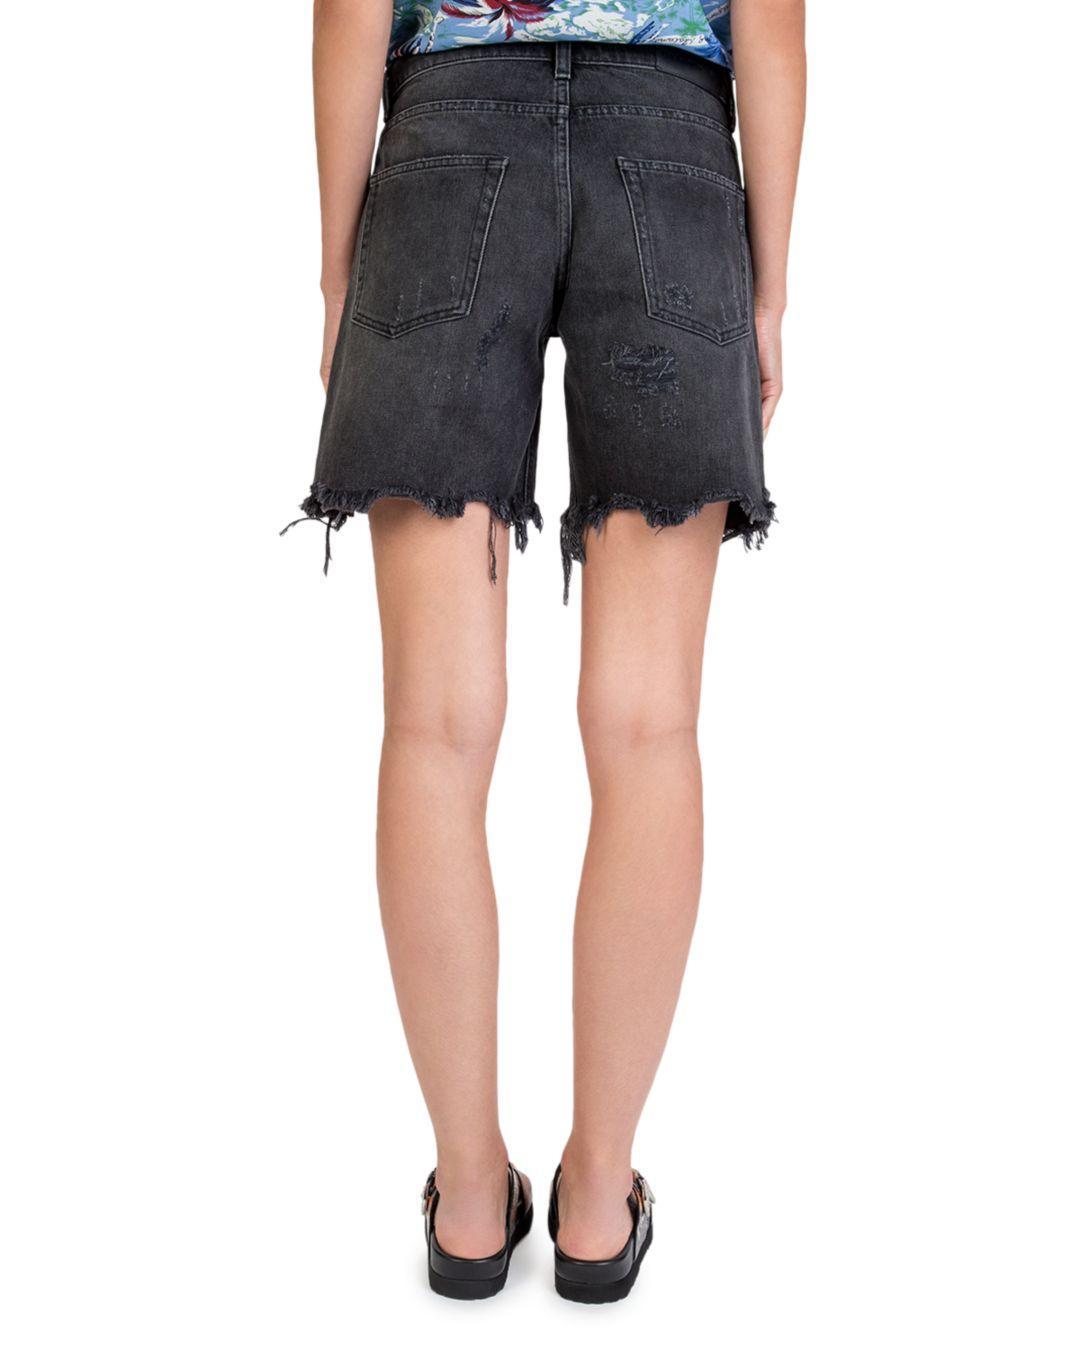 637f8faa2a The Kooples Jewel - Trim Distressed Denim Shorts In Washed Black in Black -  Lyst